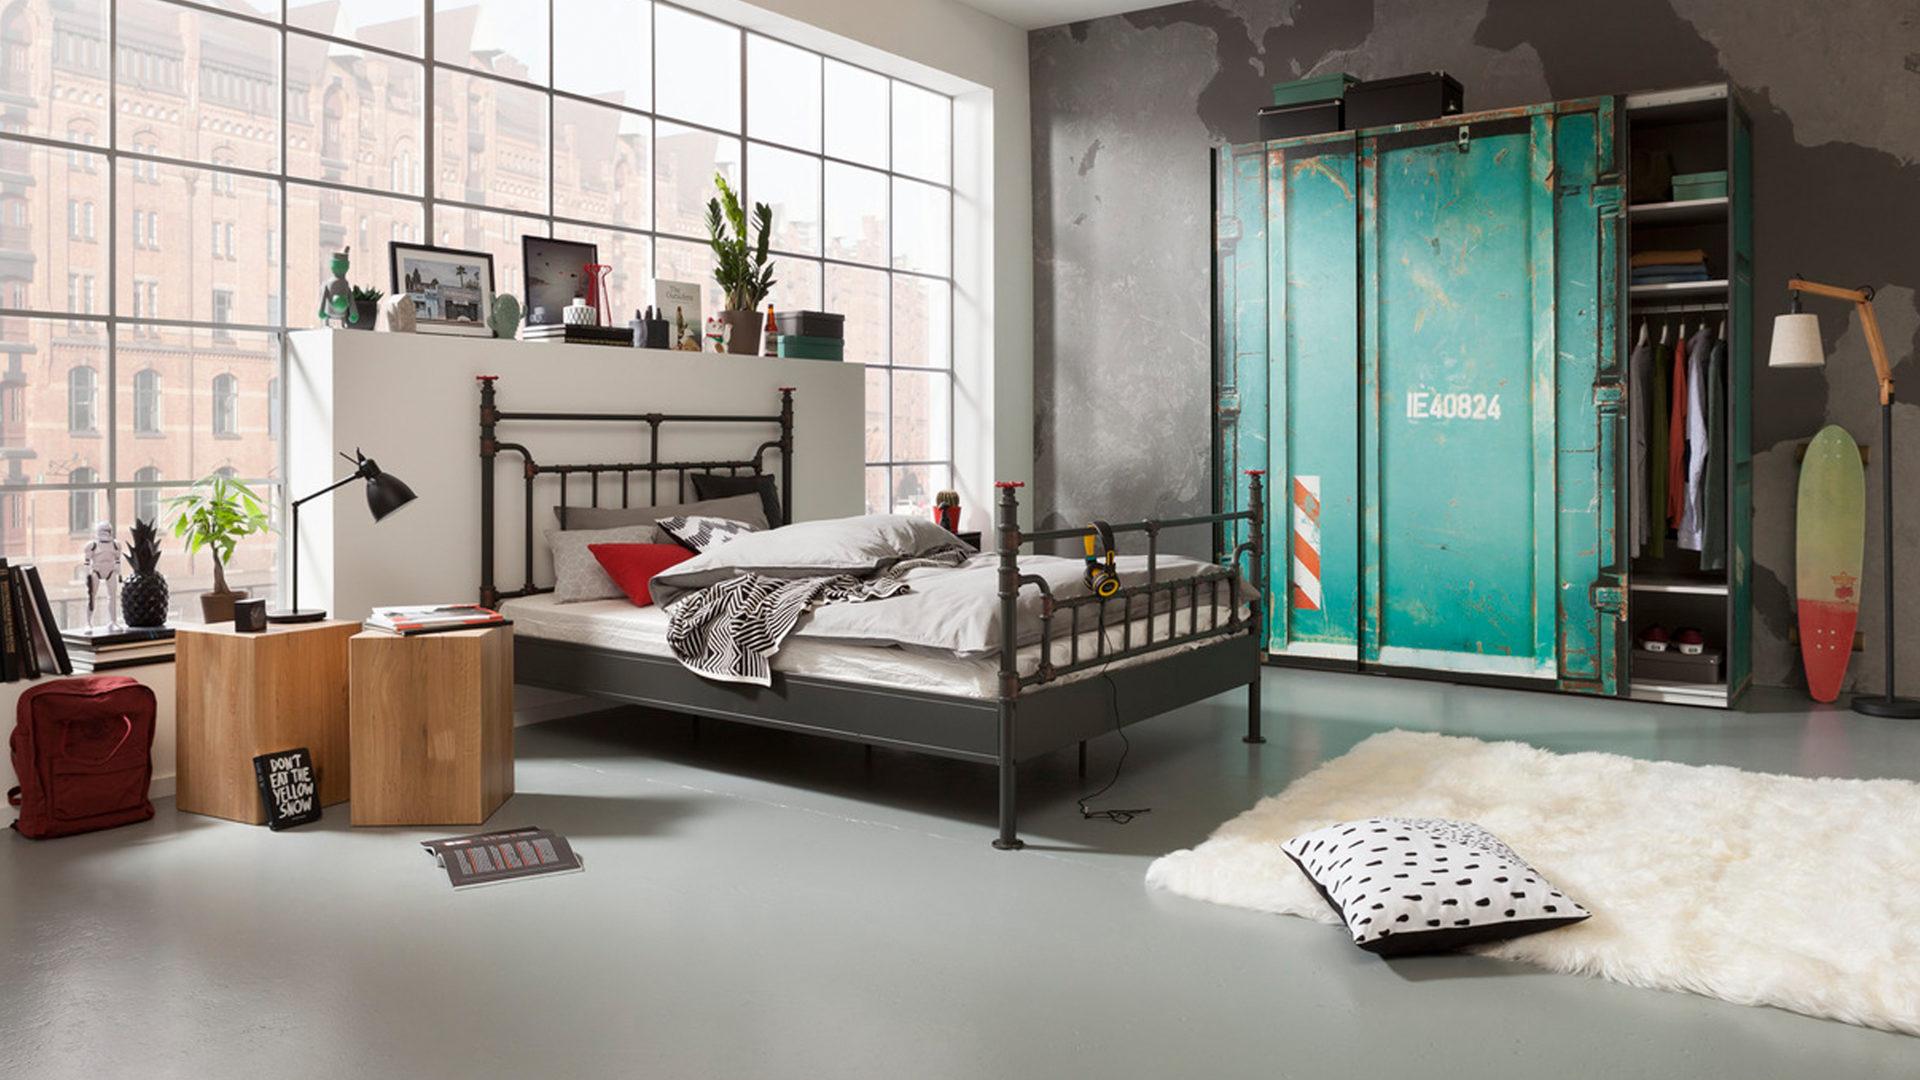 Möbel Bohn Crailsheim, Räume, Schlafzimmer, Kleiderschränke ...